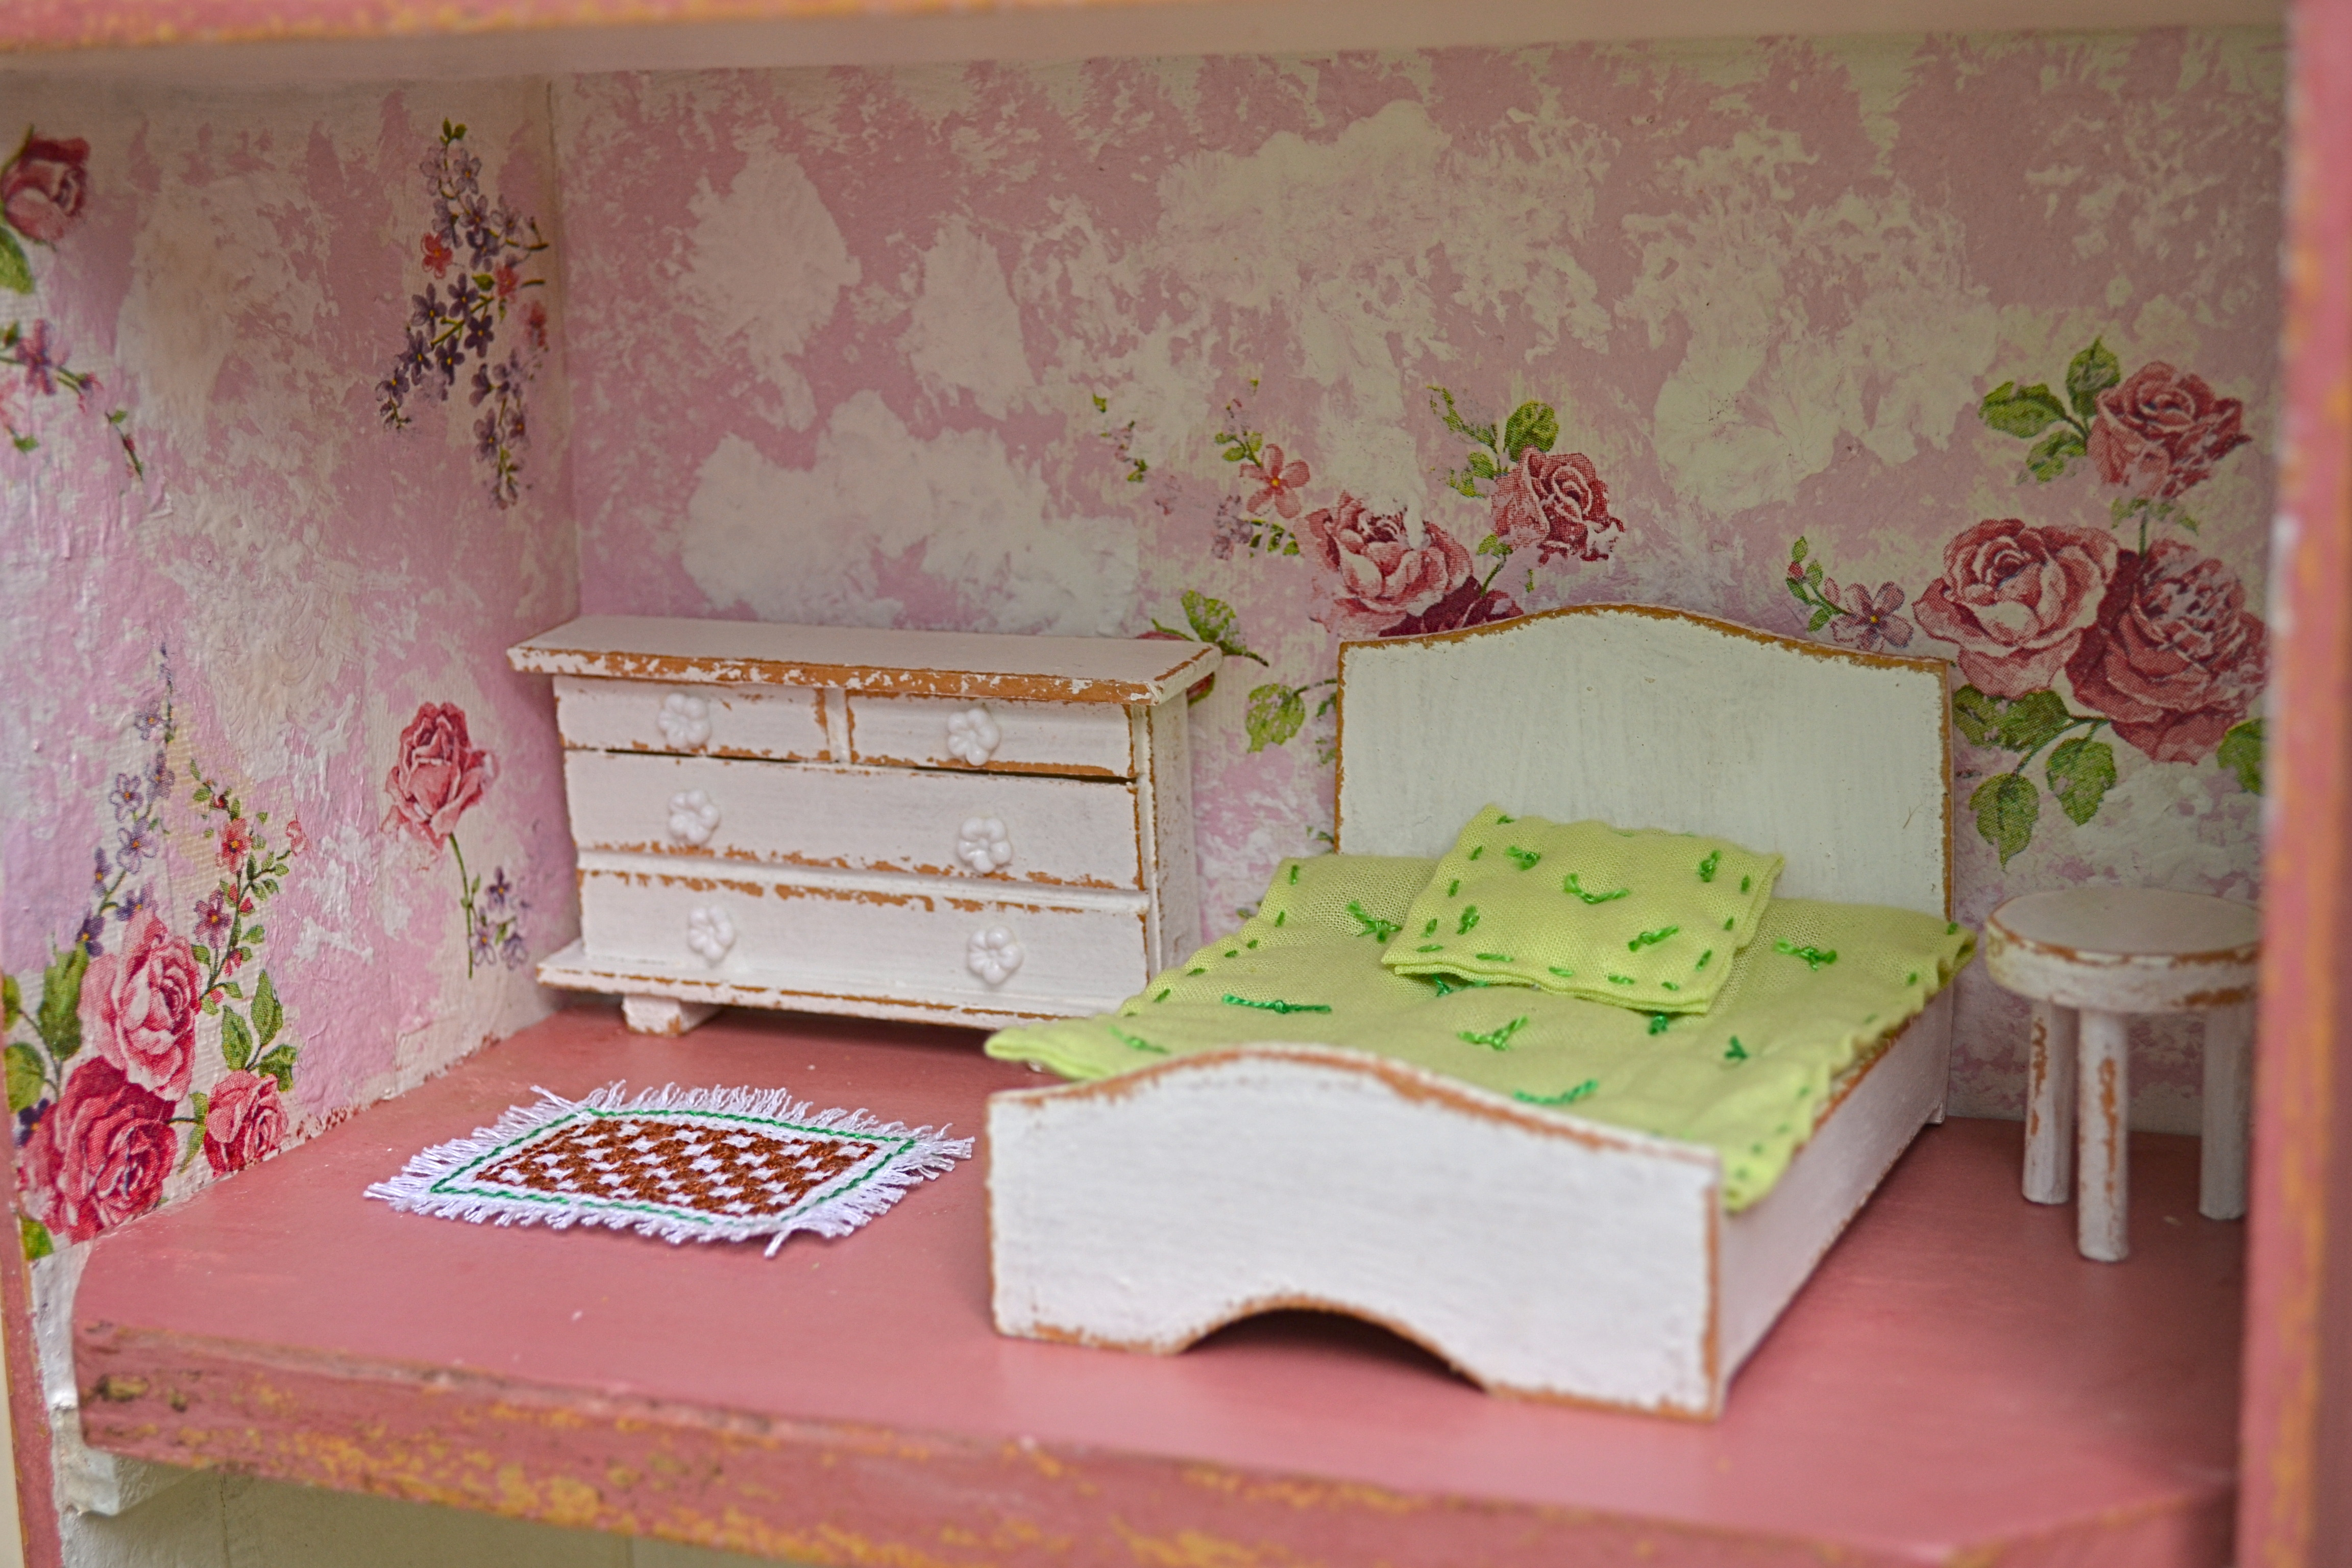 Casa de bonecas no caixote de uvas Lia Faccio Artesanato Elo7 #915B3A 4608x3072